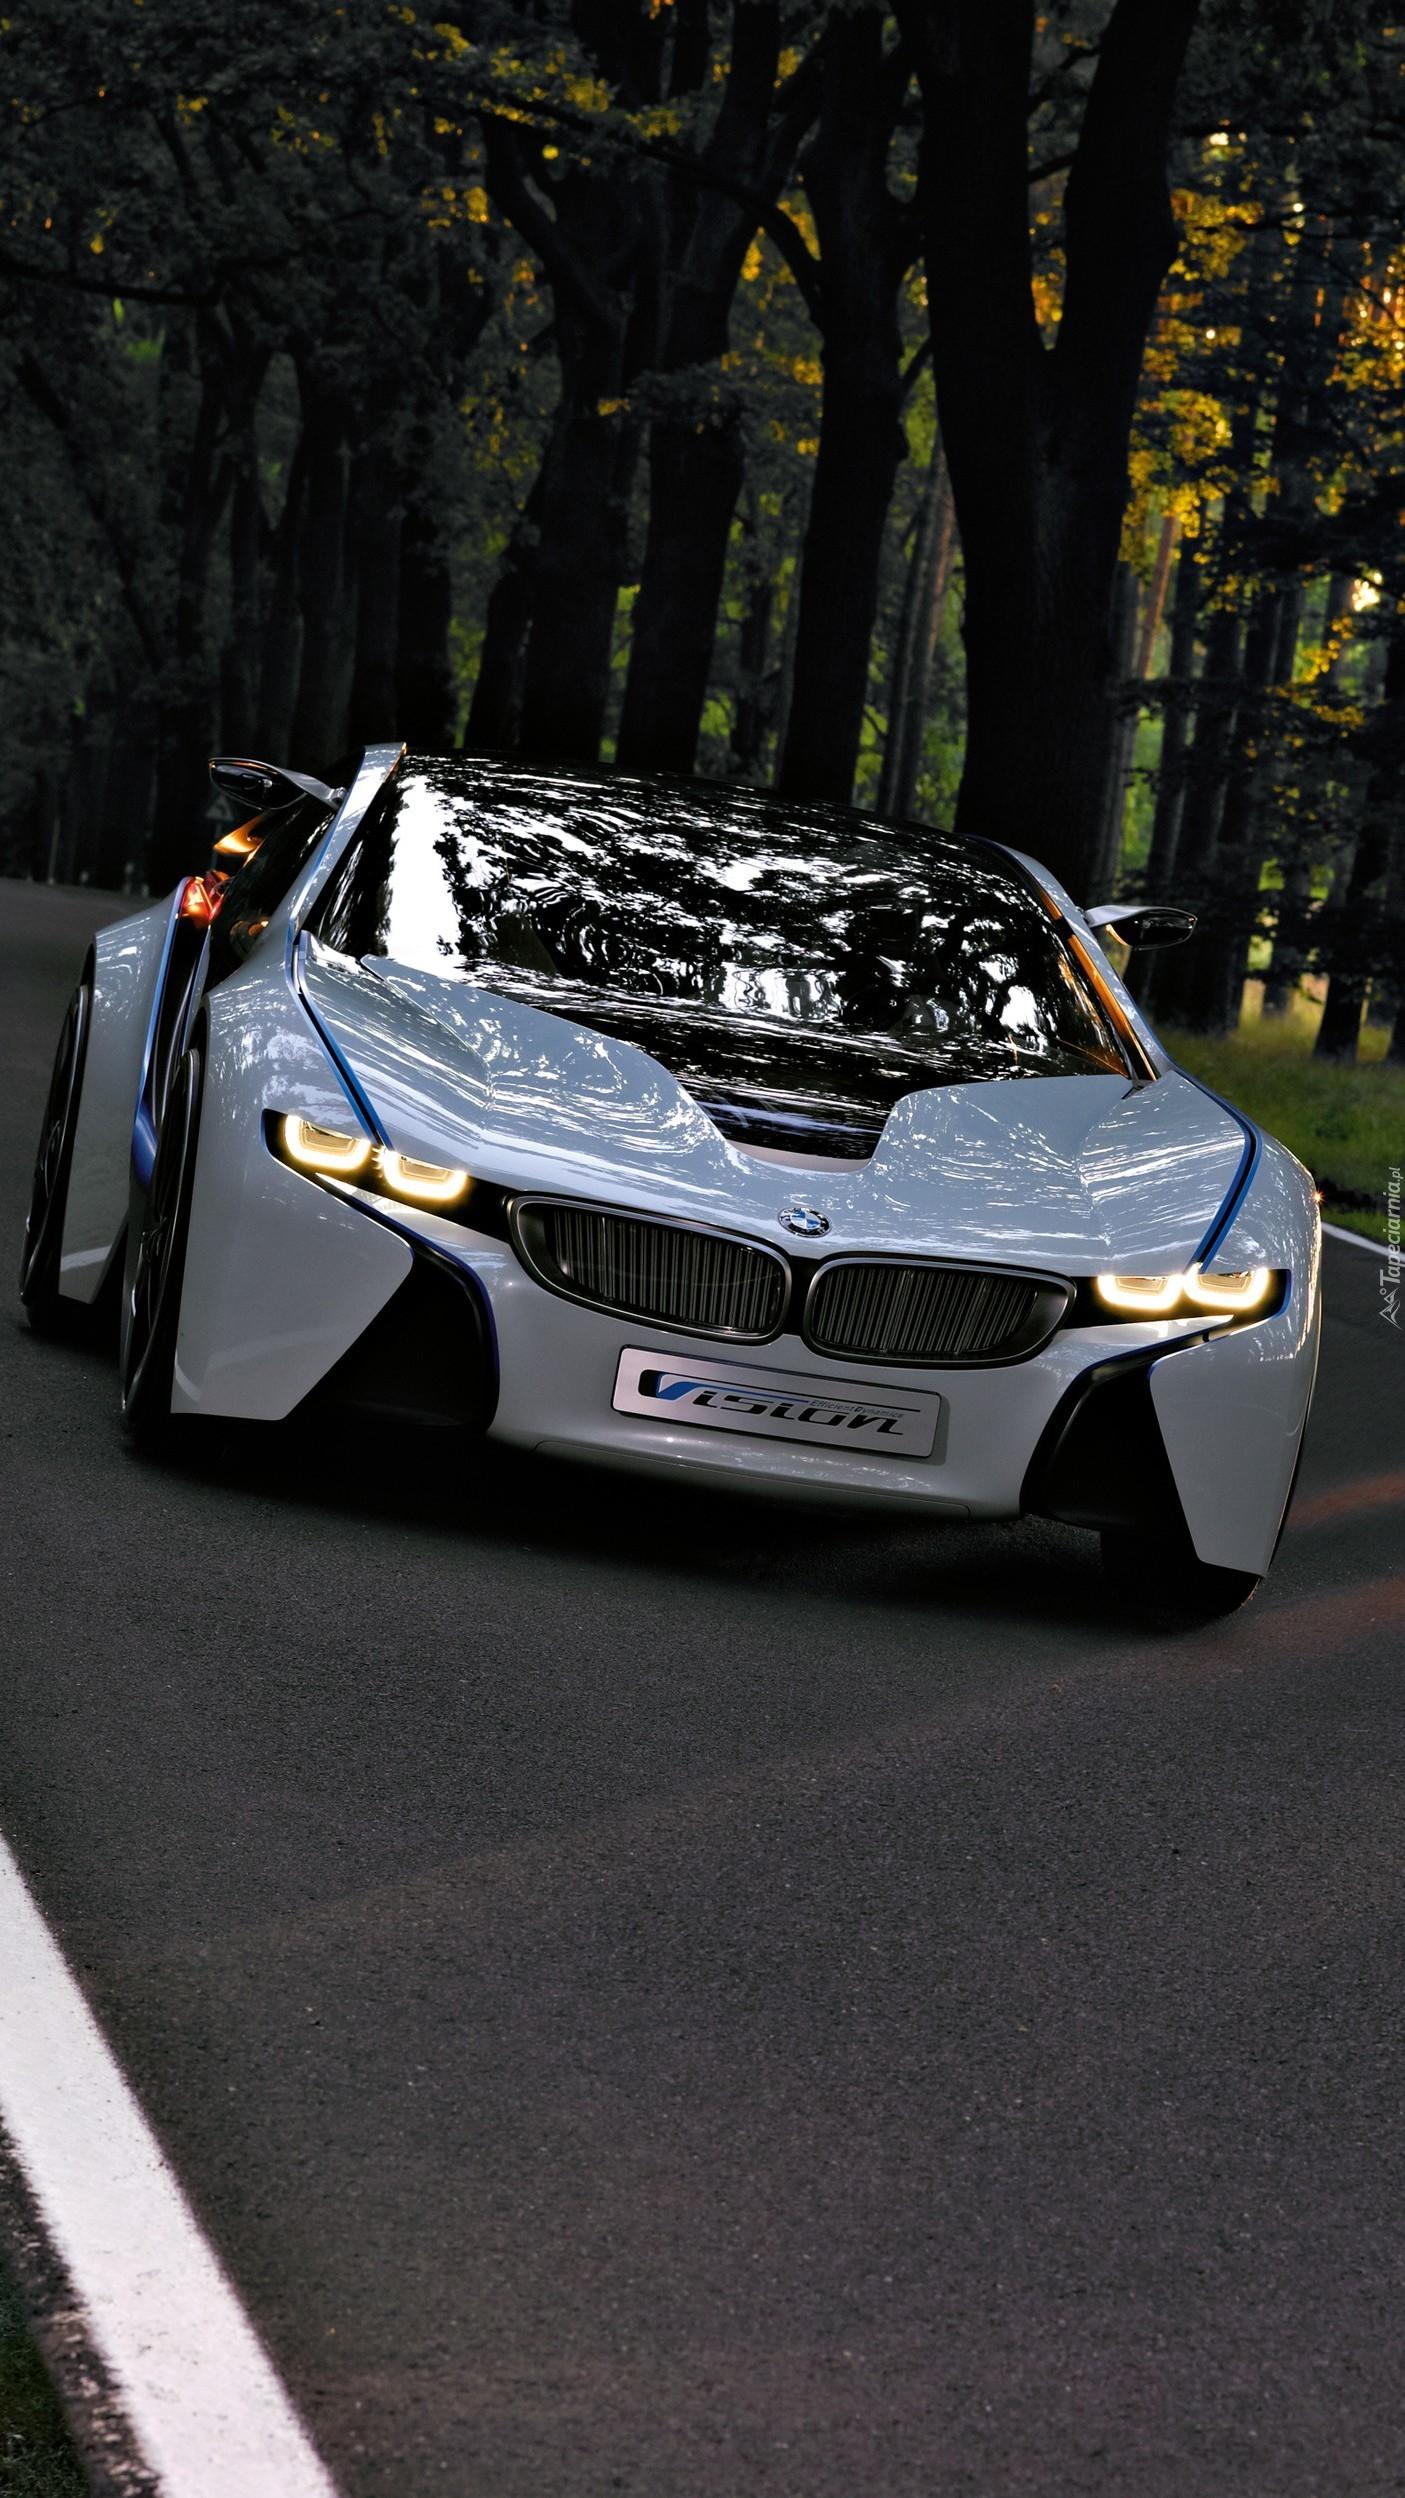 Samochód BMW i8